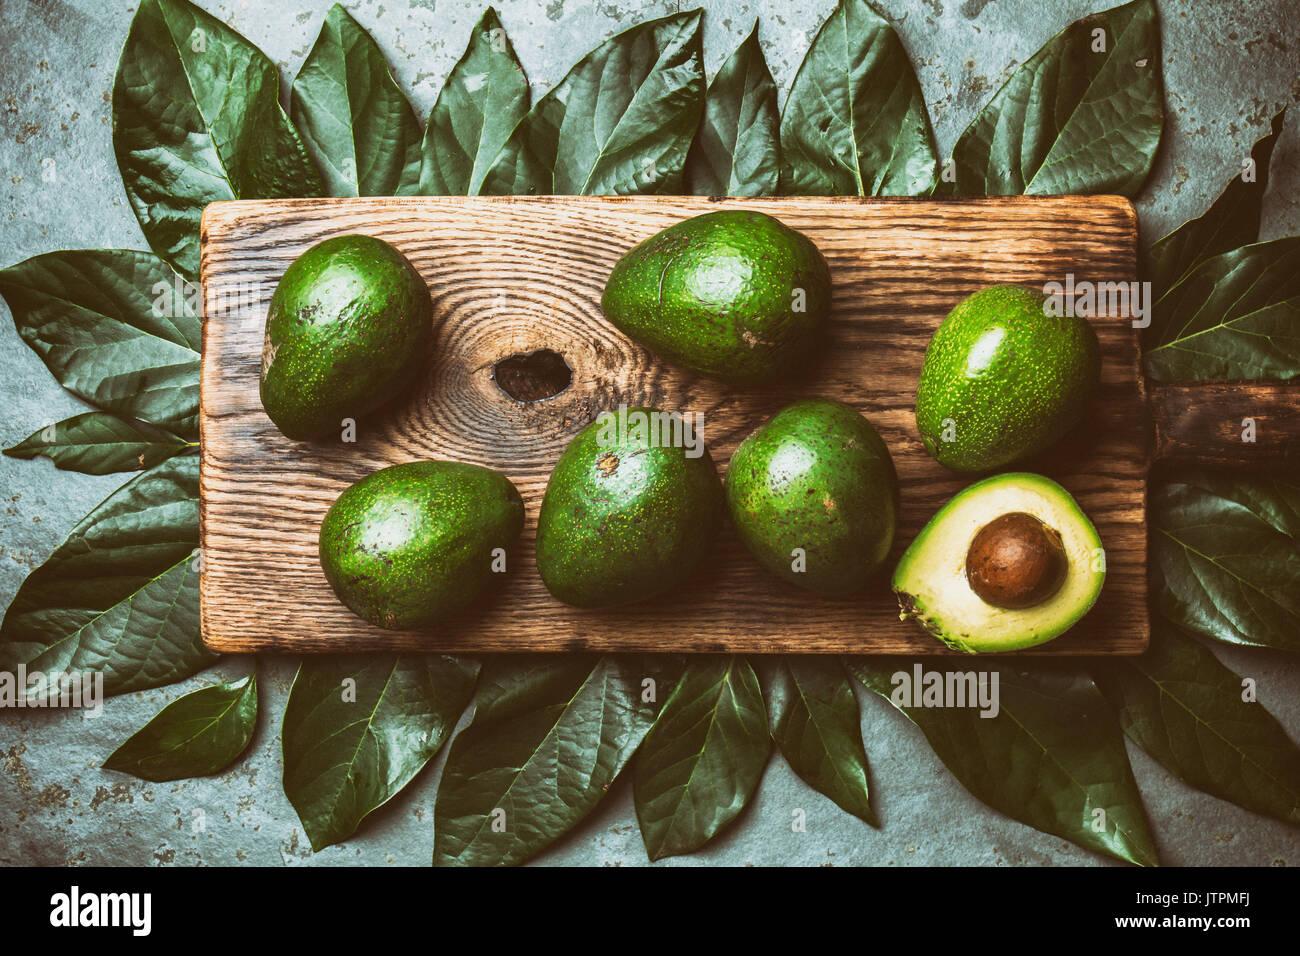 Fondo de alimentos con aguacate fresco, las hojas del árbol de aguacate y junta de corte de madera. Concepto de cosecha, Guacamole ingredientes. Grasa saludable omega 3. La mitad o Imagen De Stock